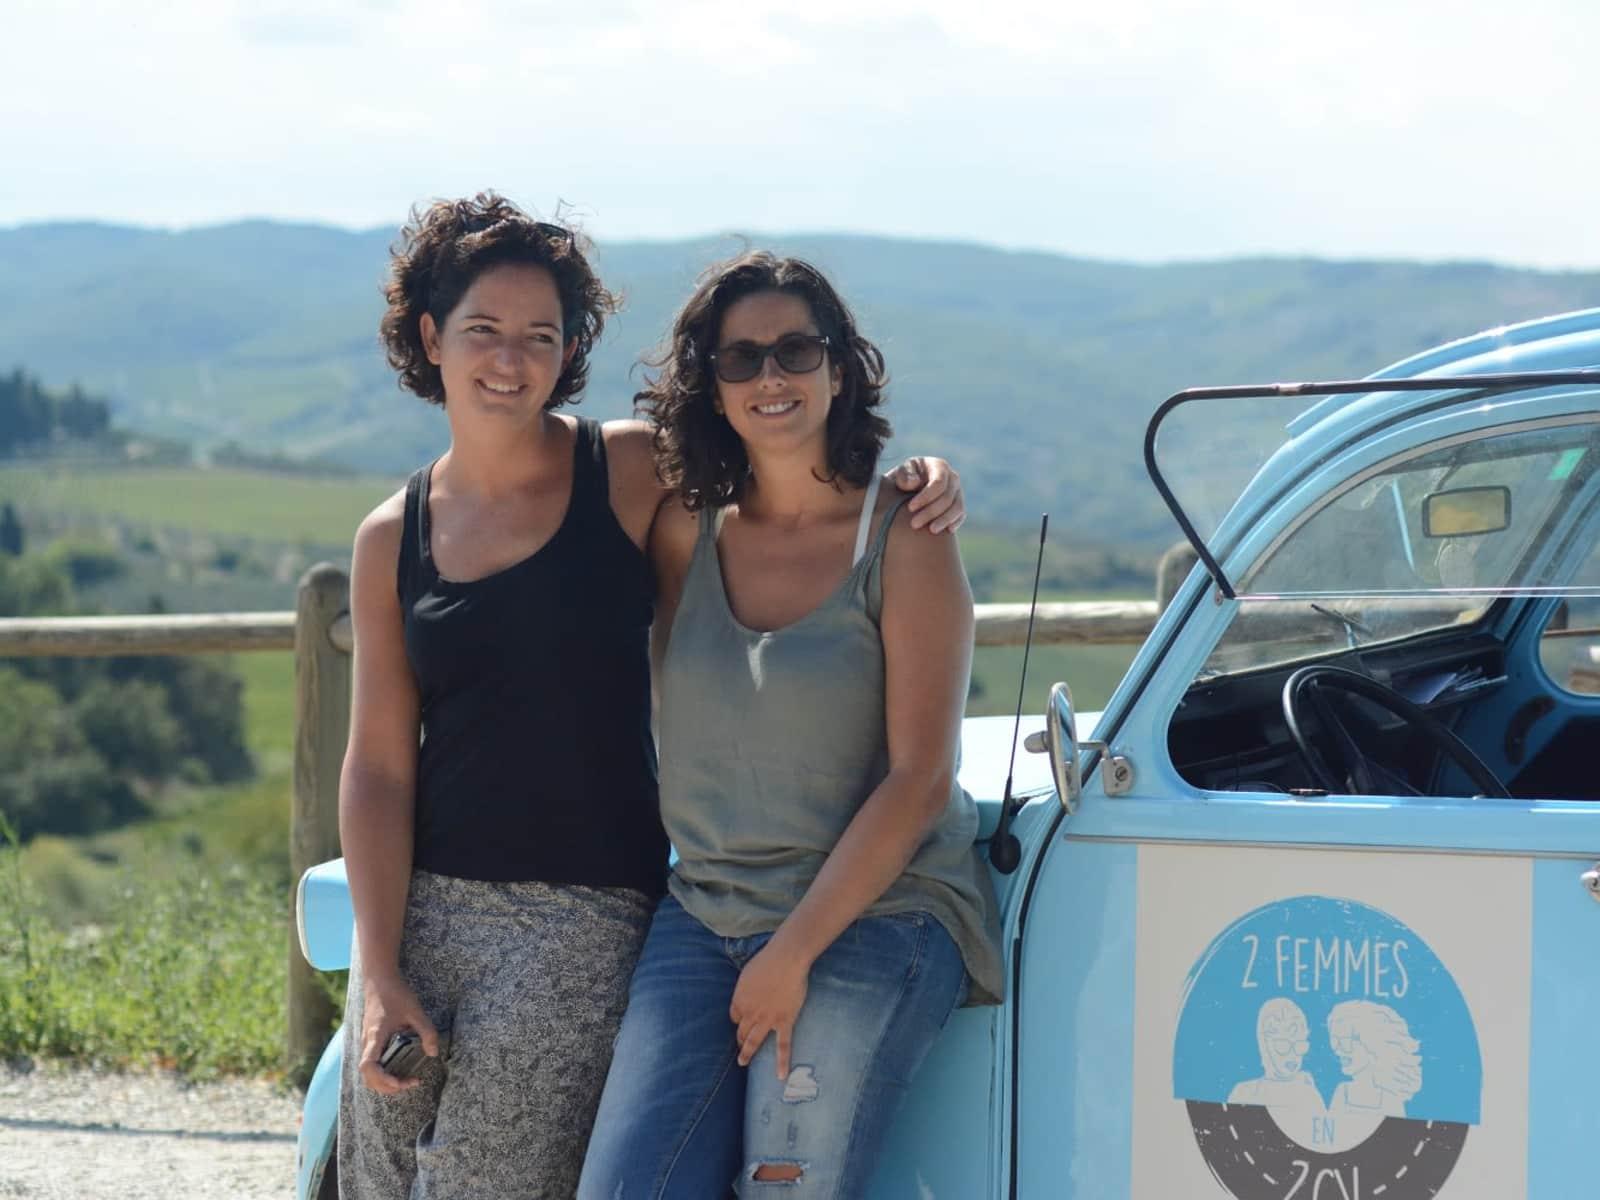 Ana maria & Eva from Barcelona, Spain